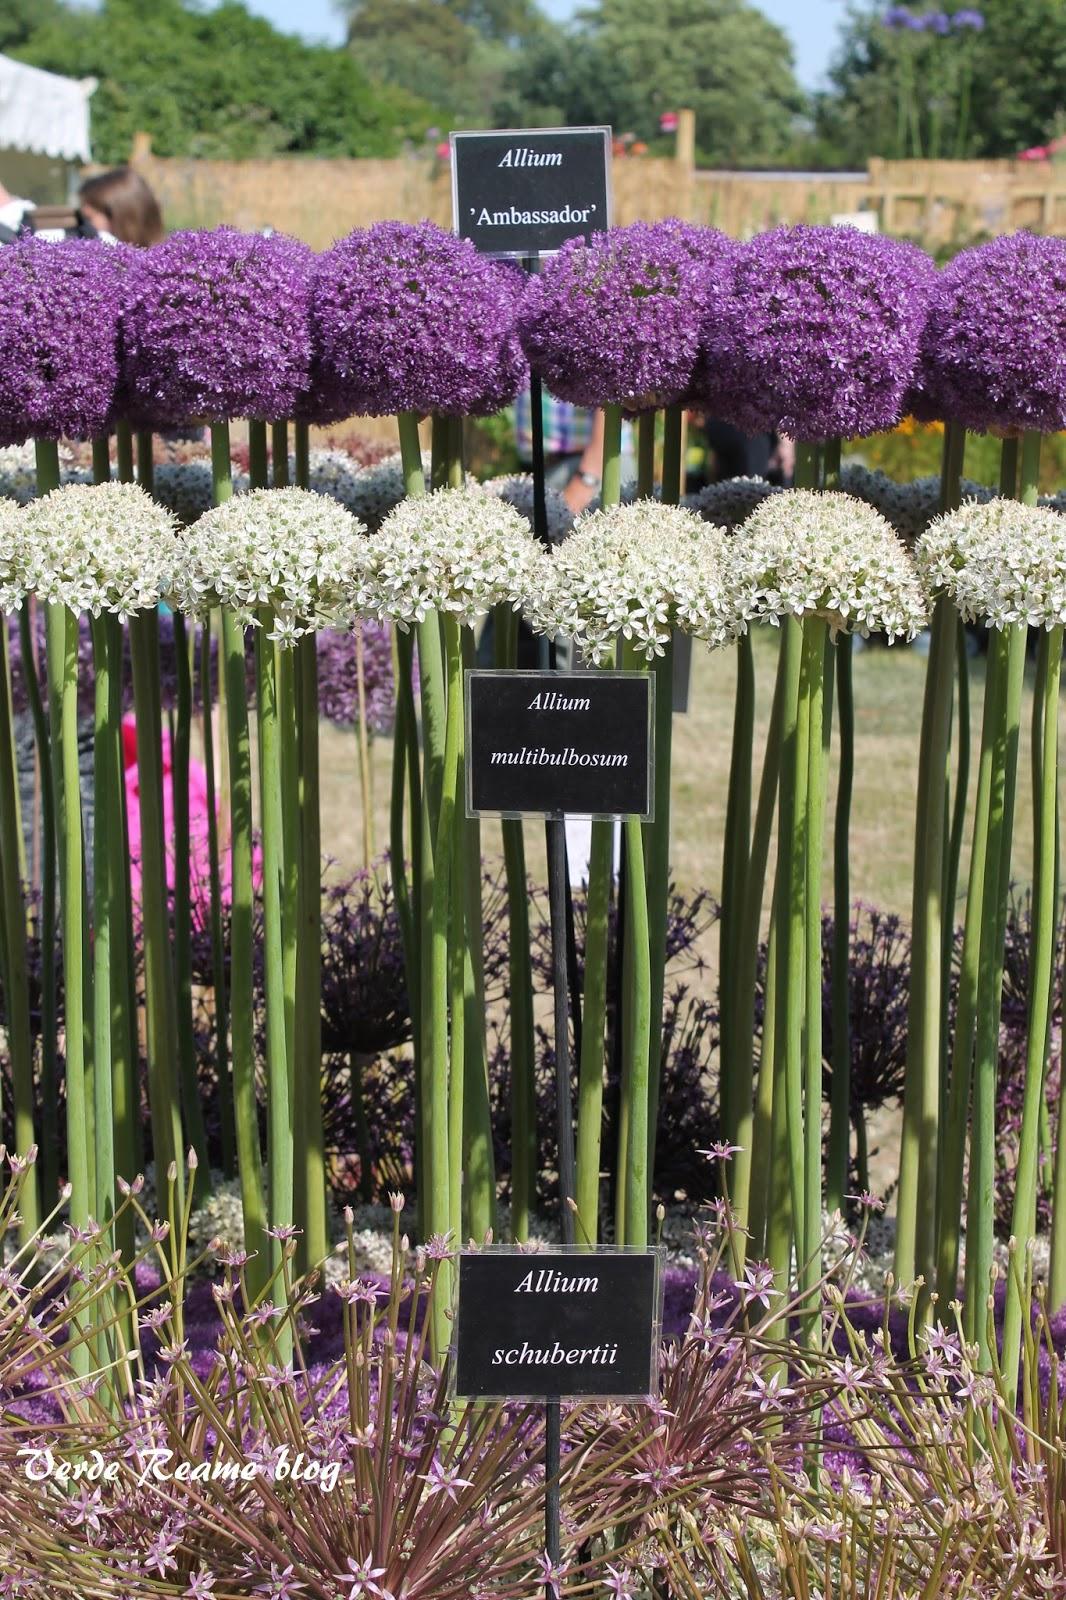 Le pi belle immagini di fiori - Composizione giardino ...